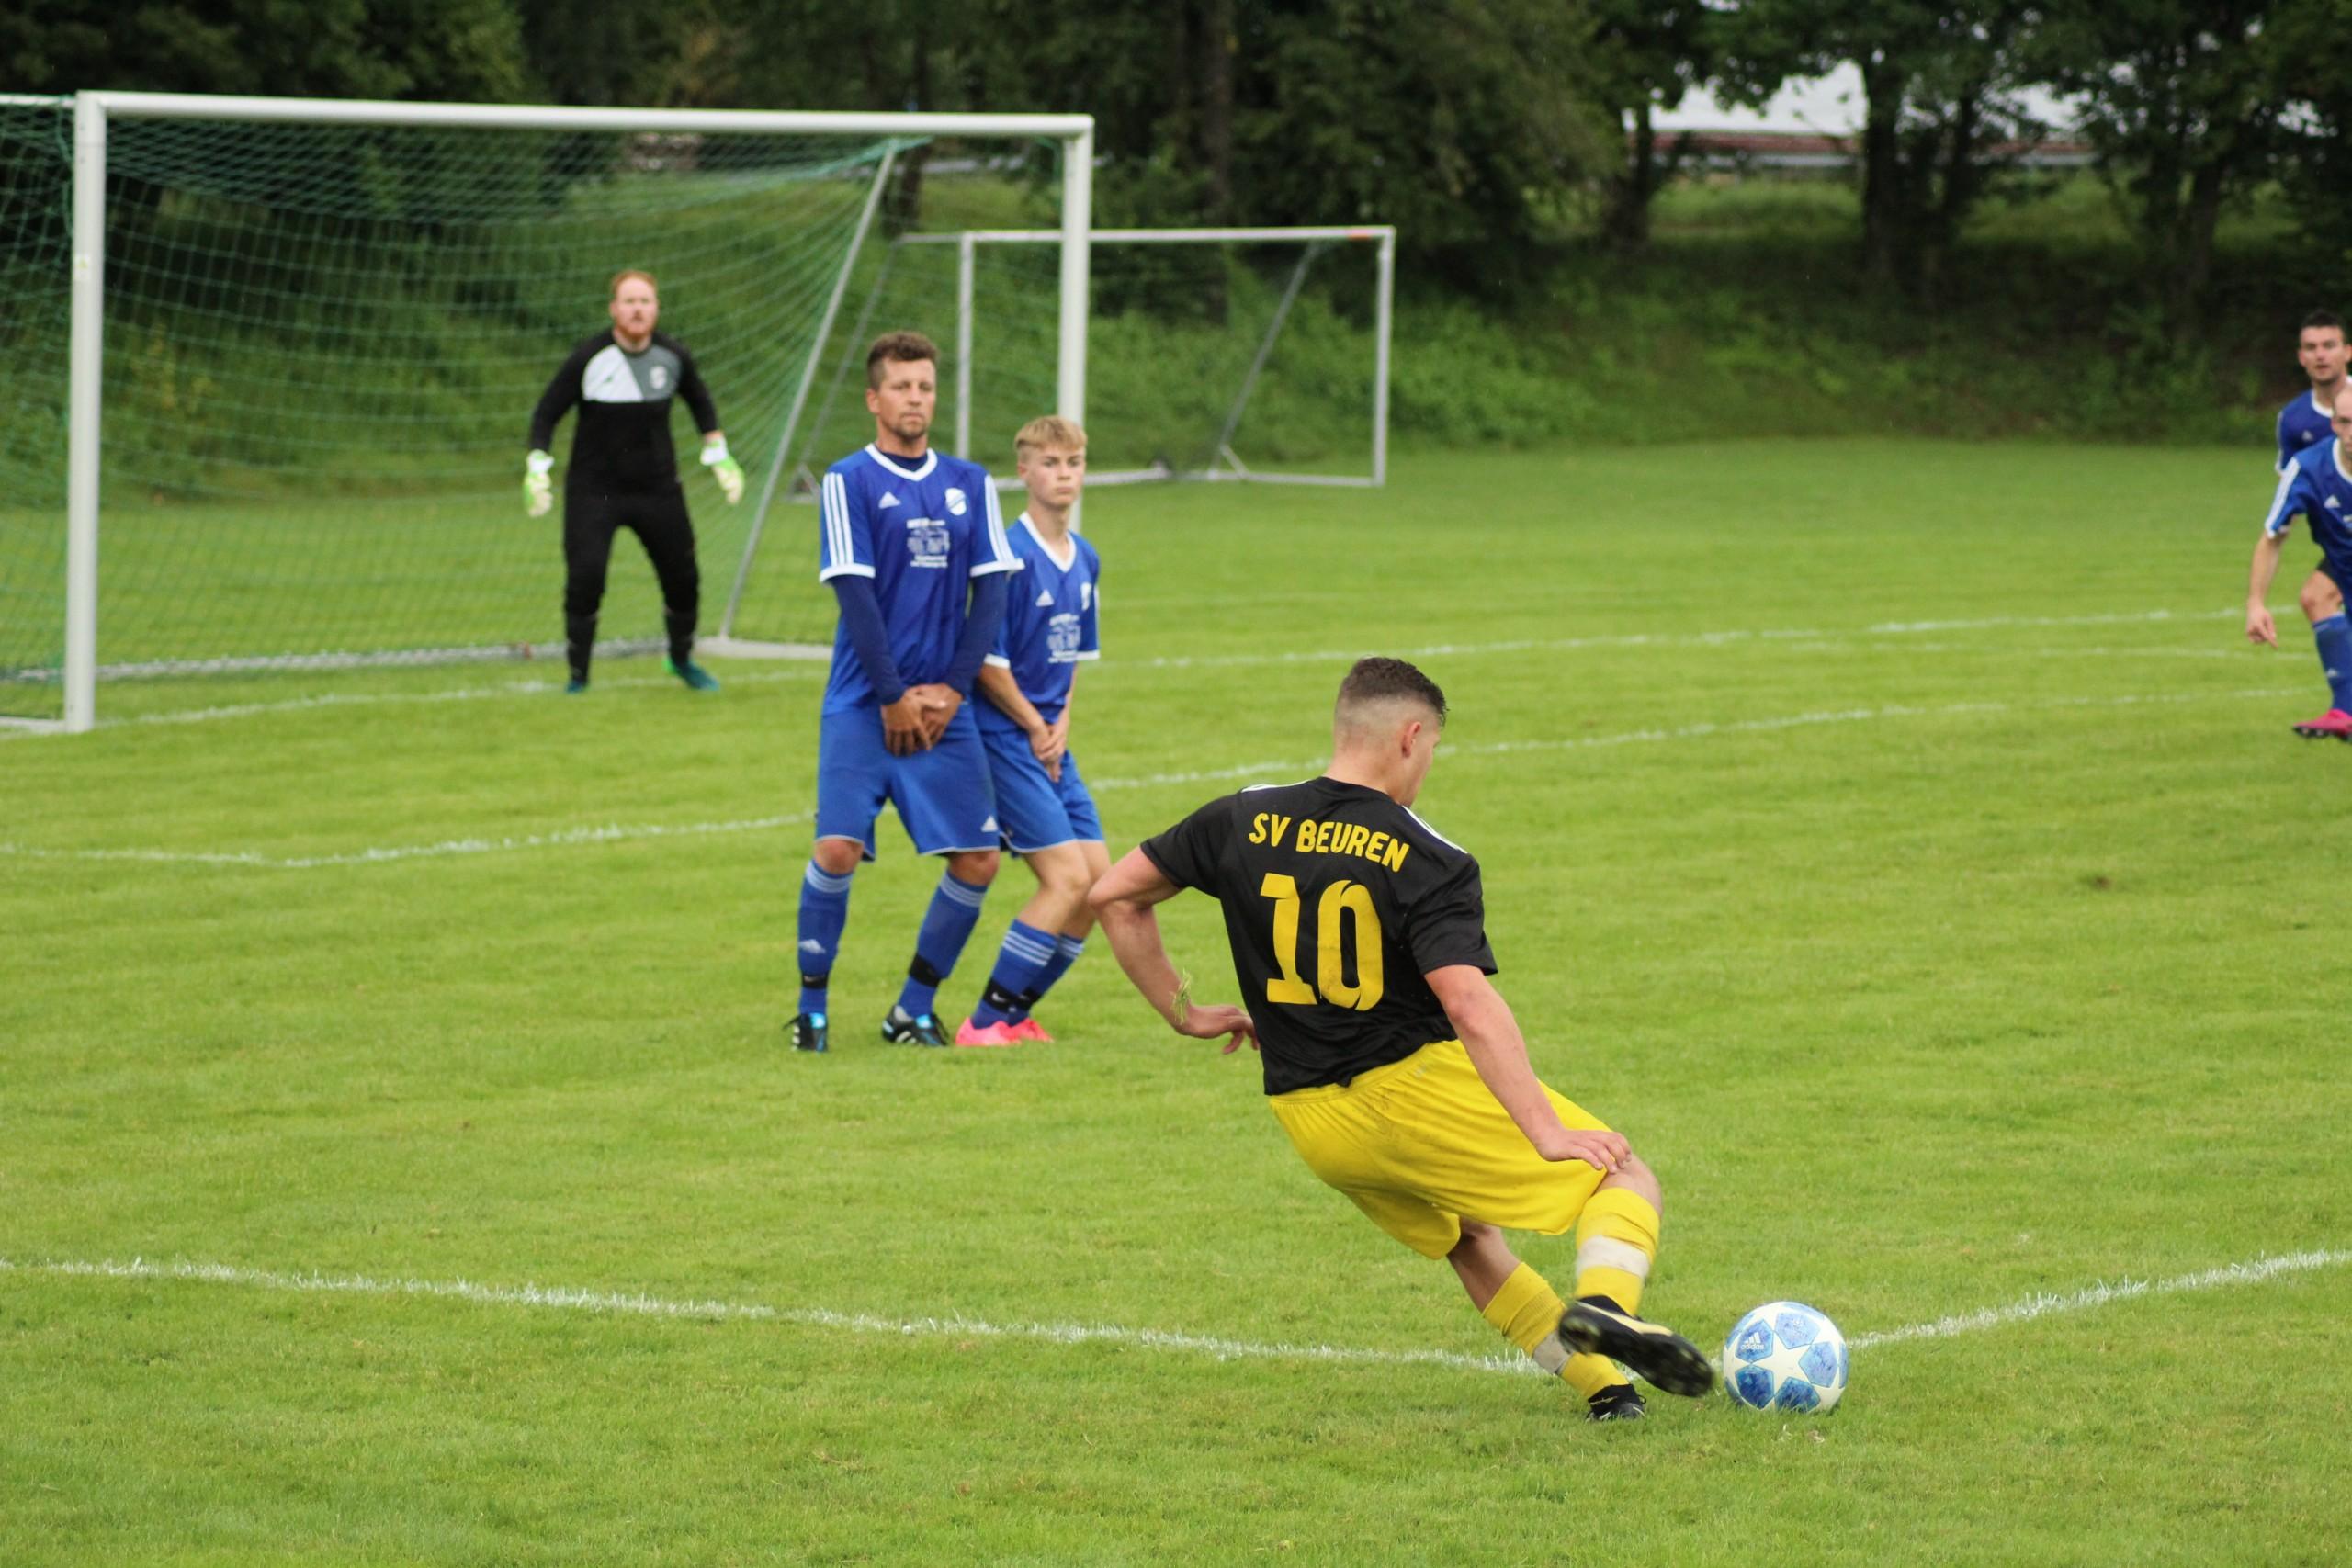 22.08.2021 SV Jedesheim I - SV Beuren I